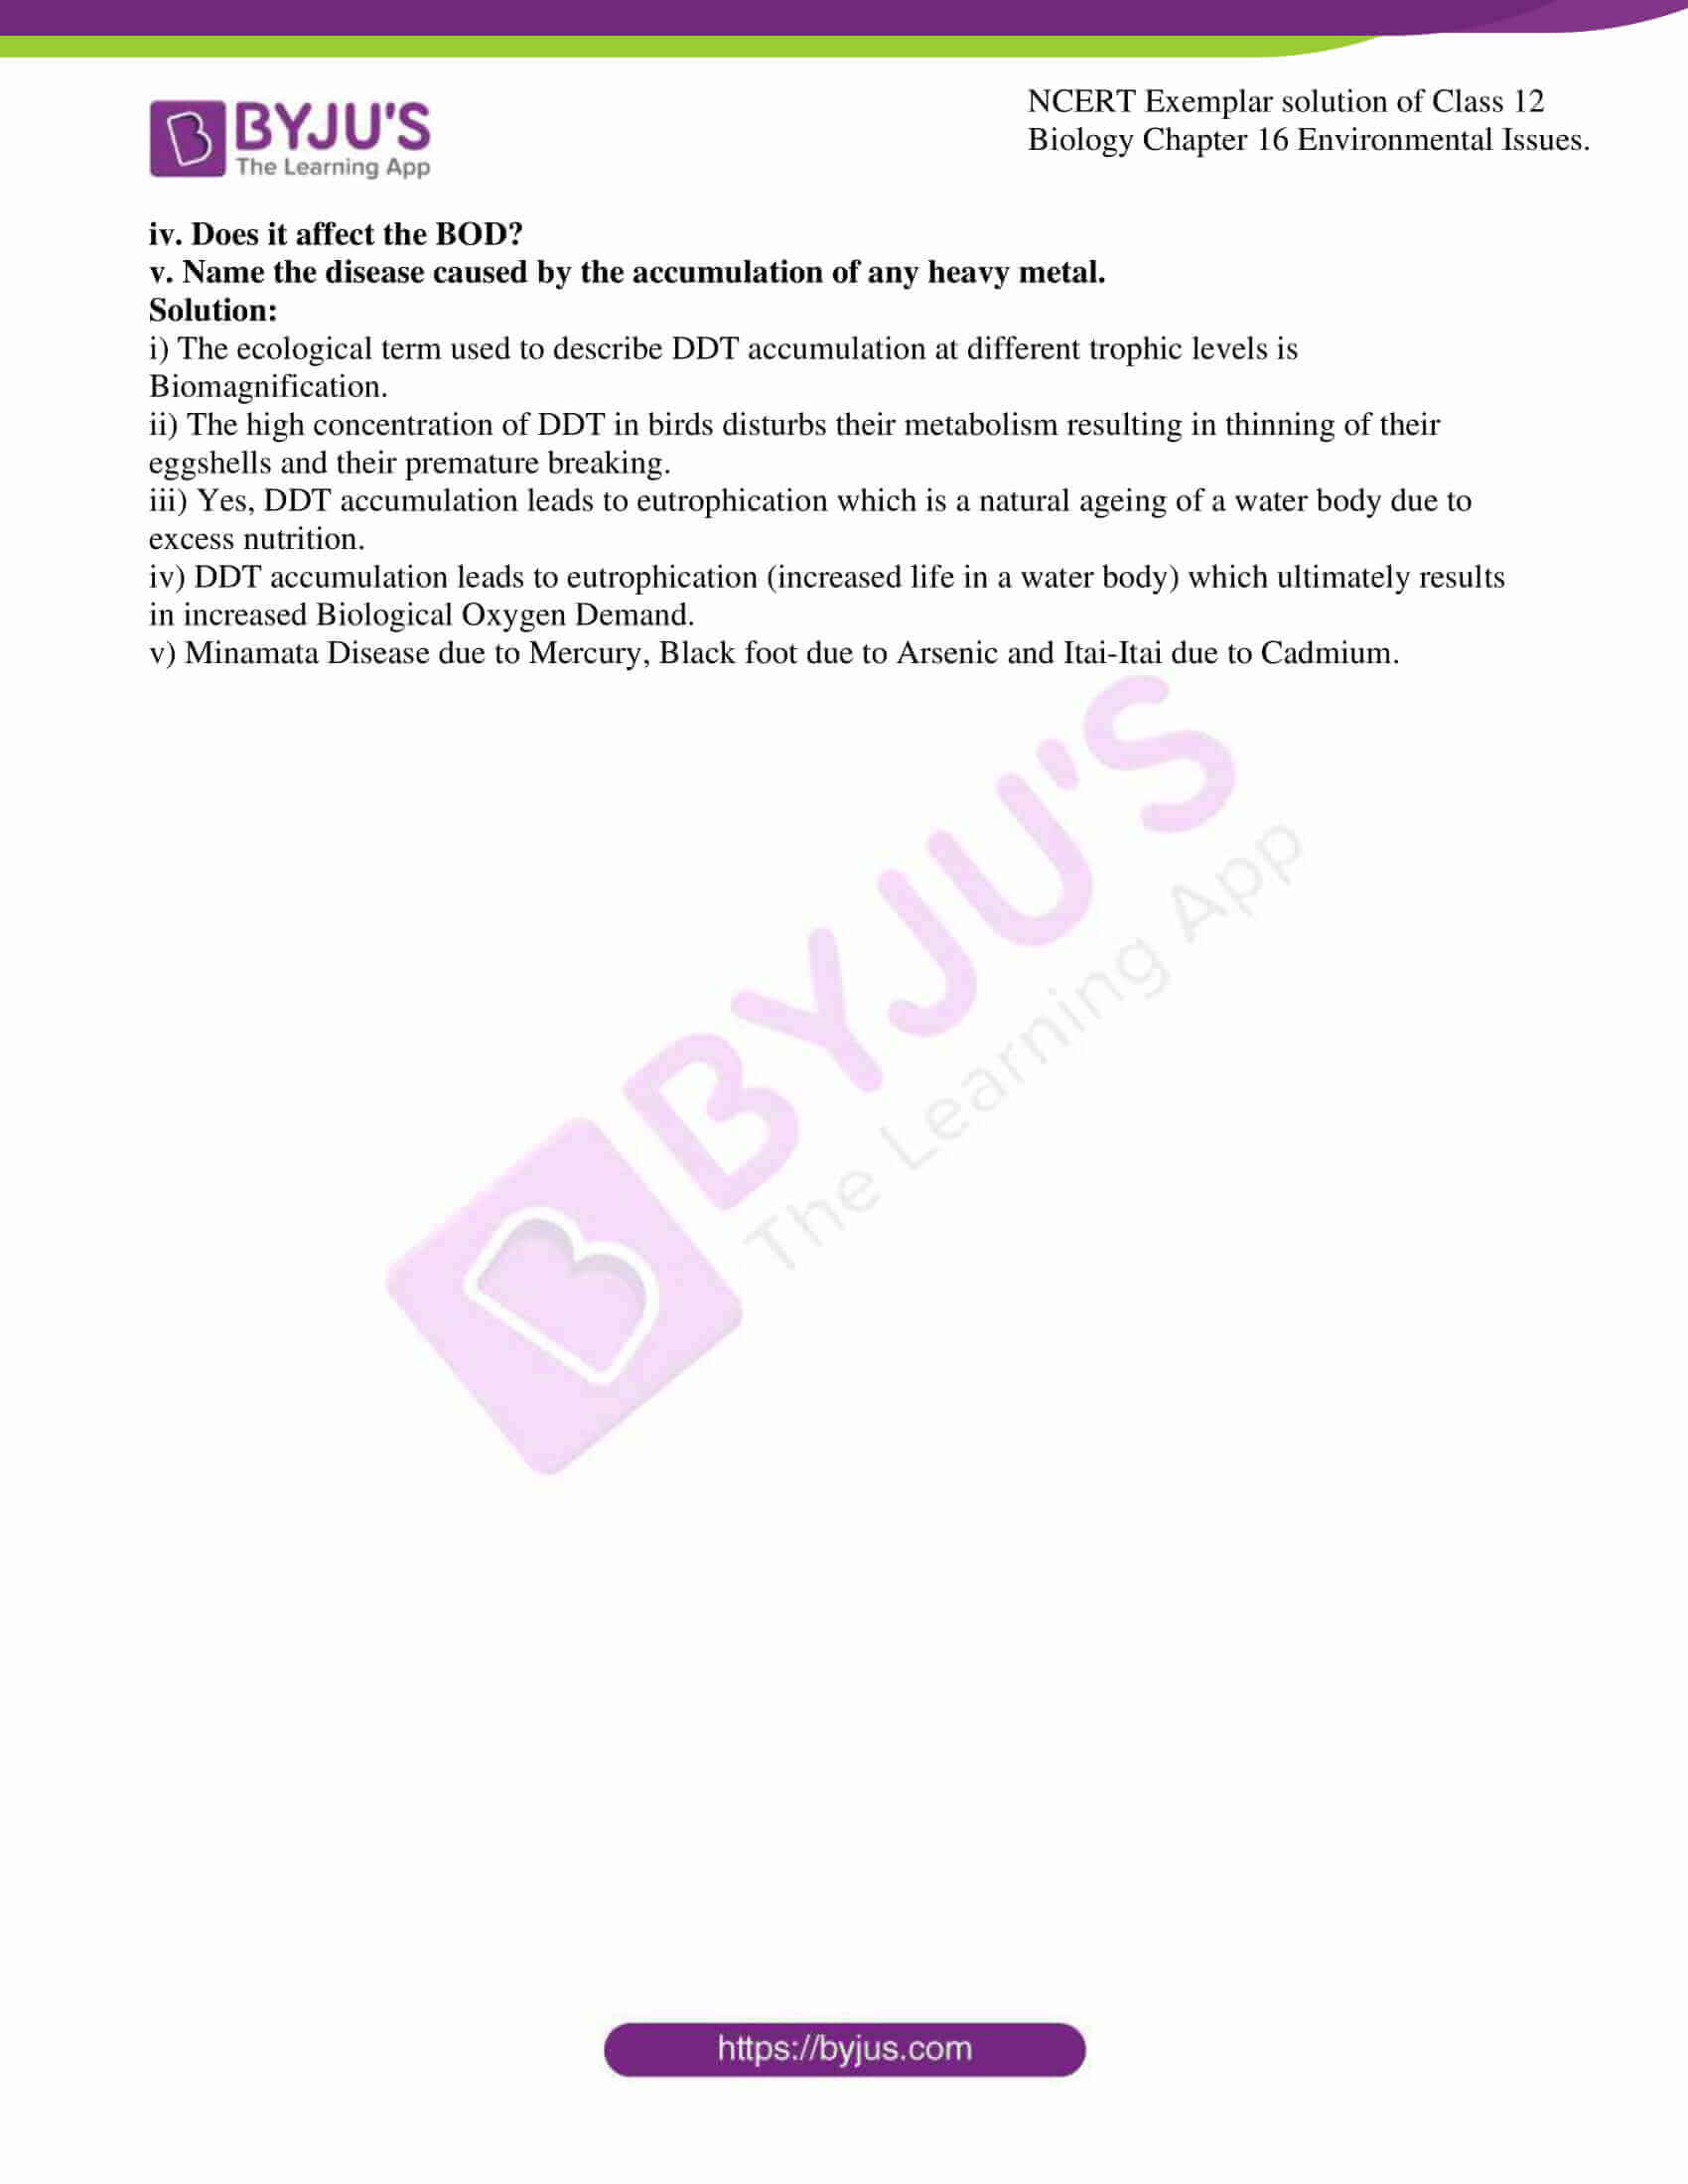 ncert exemplar solution of class 12 biology chapter 16 11